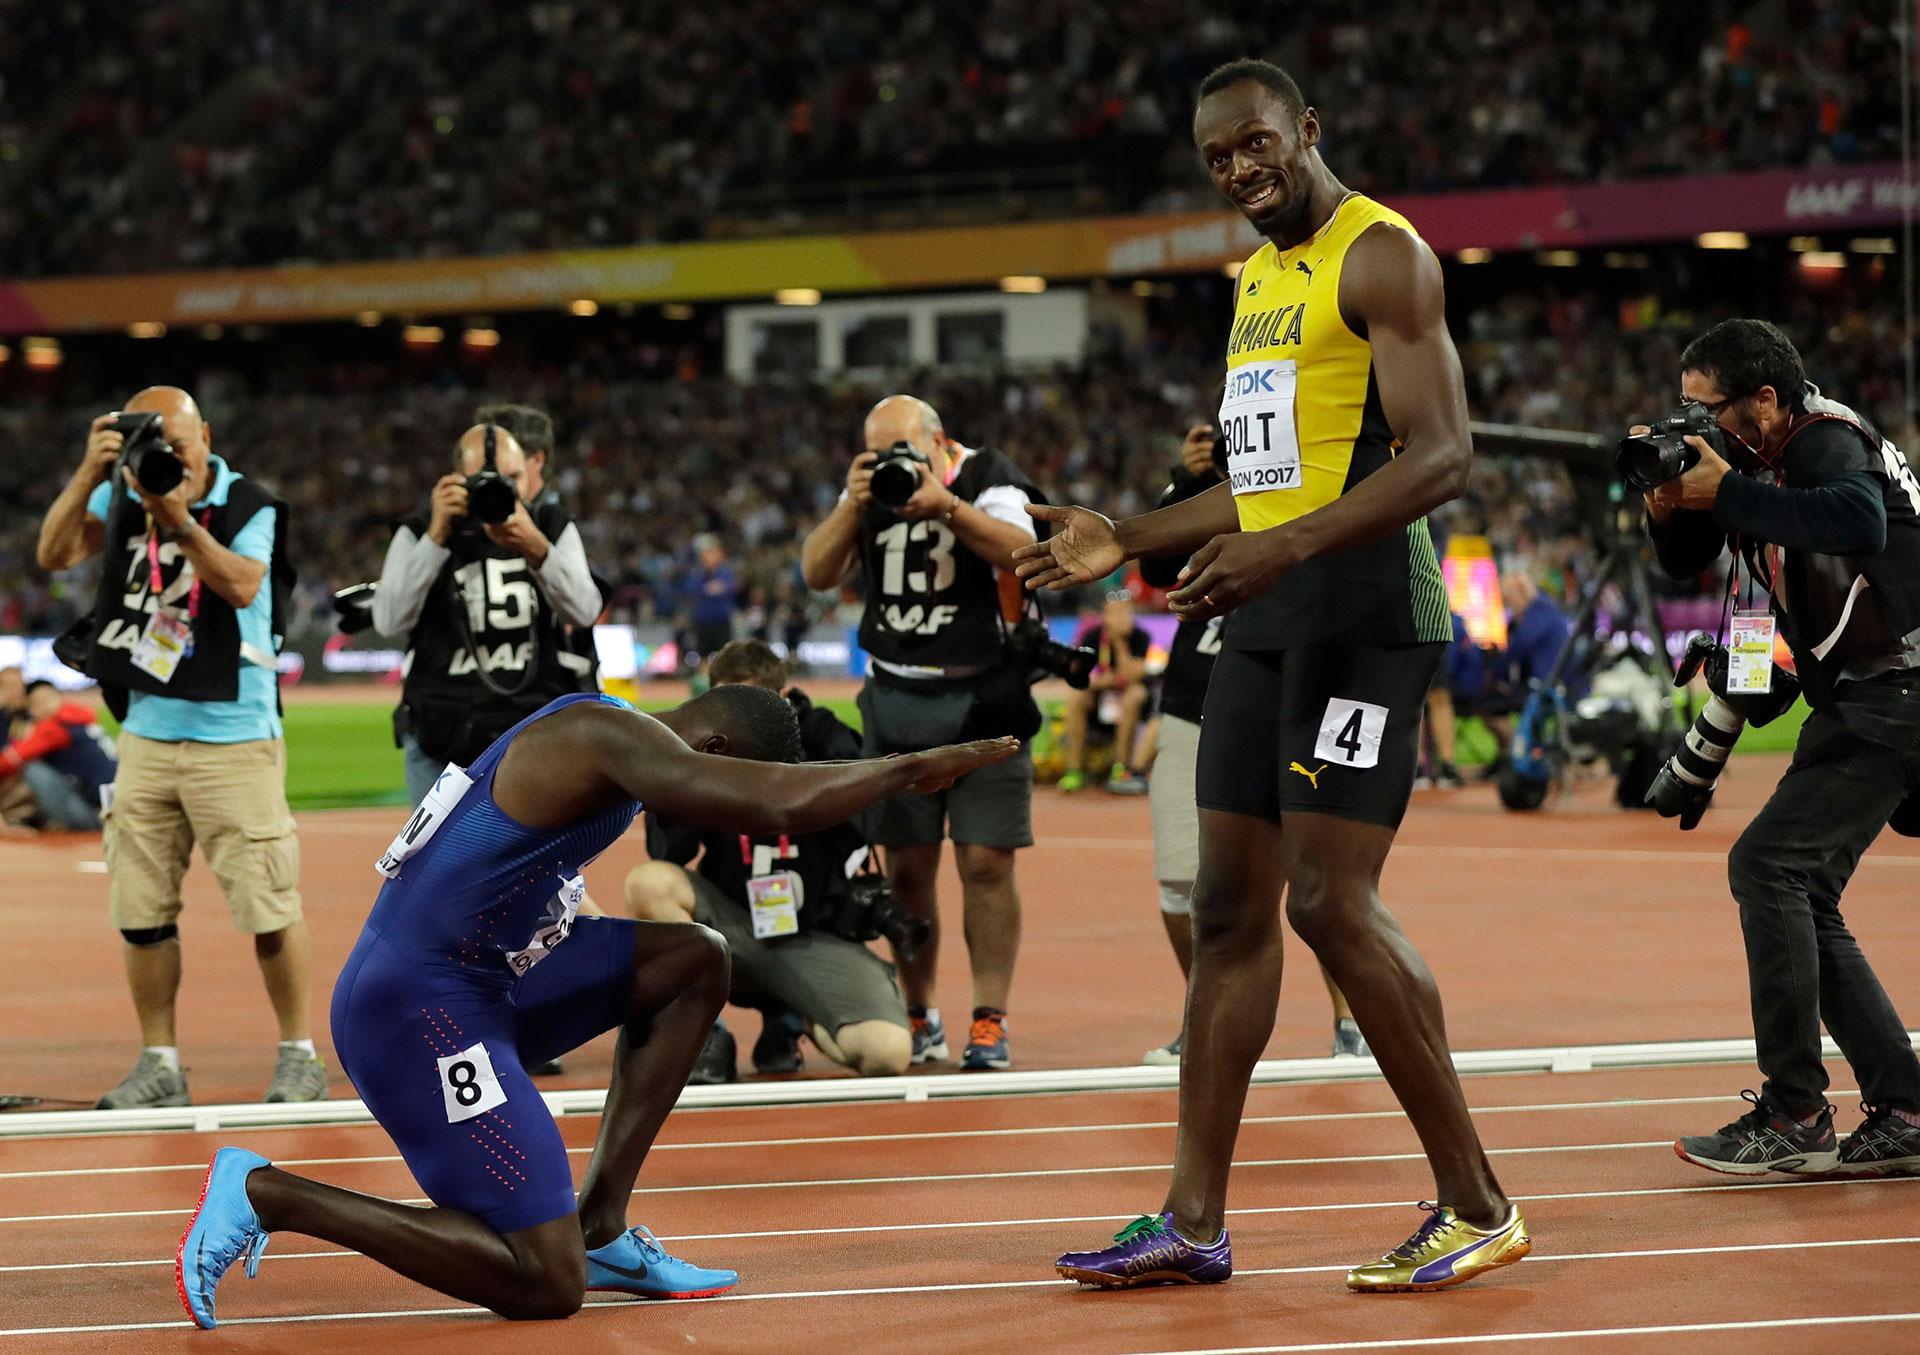 La imagen de la despedida: el ganador Gatlin se arrodilla ante Bolt